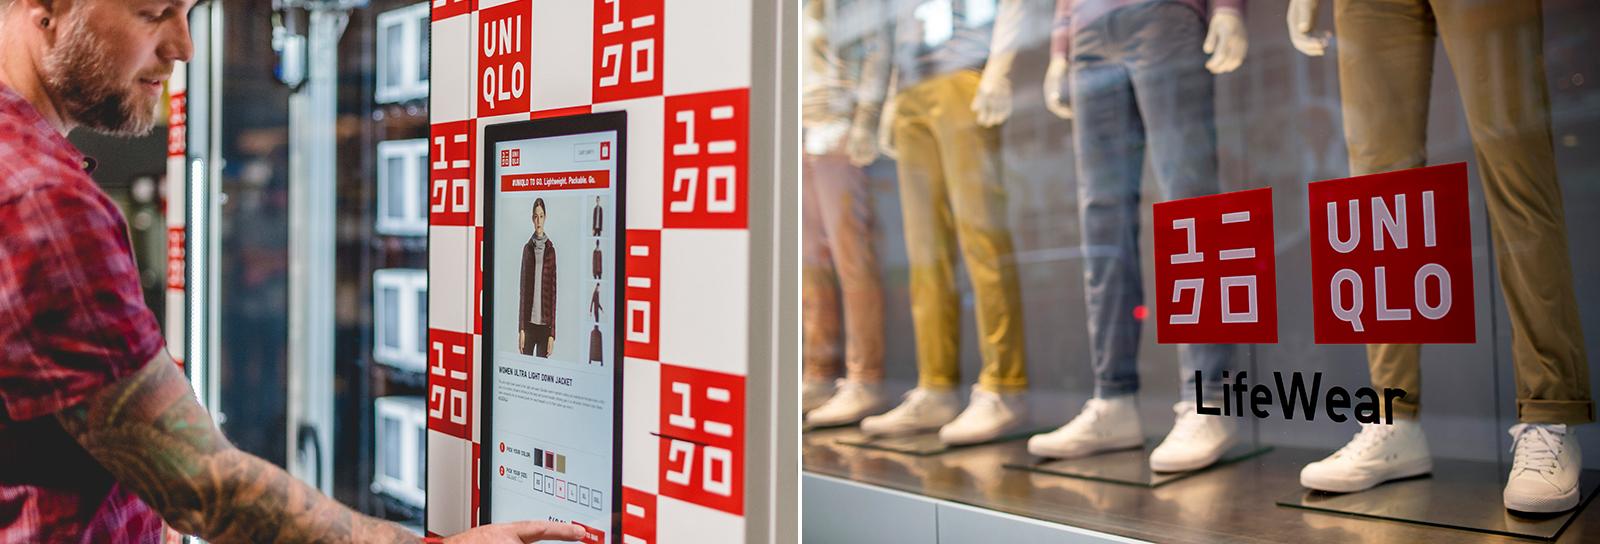 Empresa cria vending machine de roupas em aeroportos pra facilitar a vida de viajantes